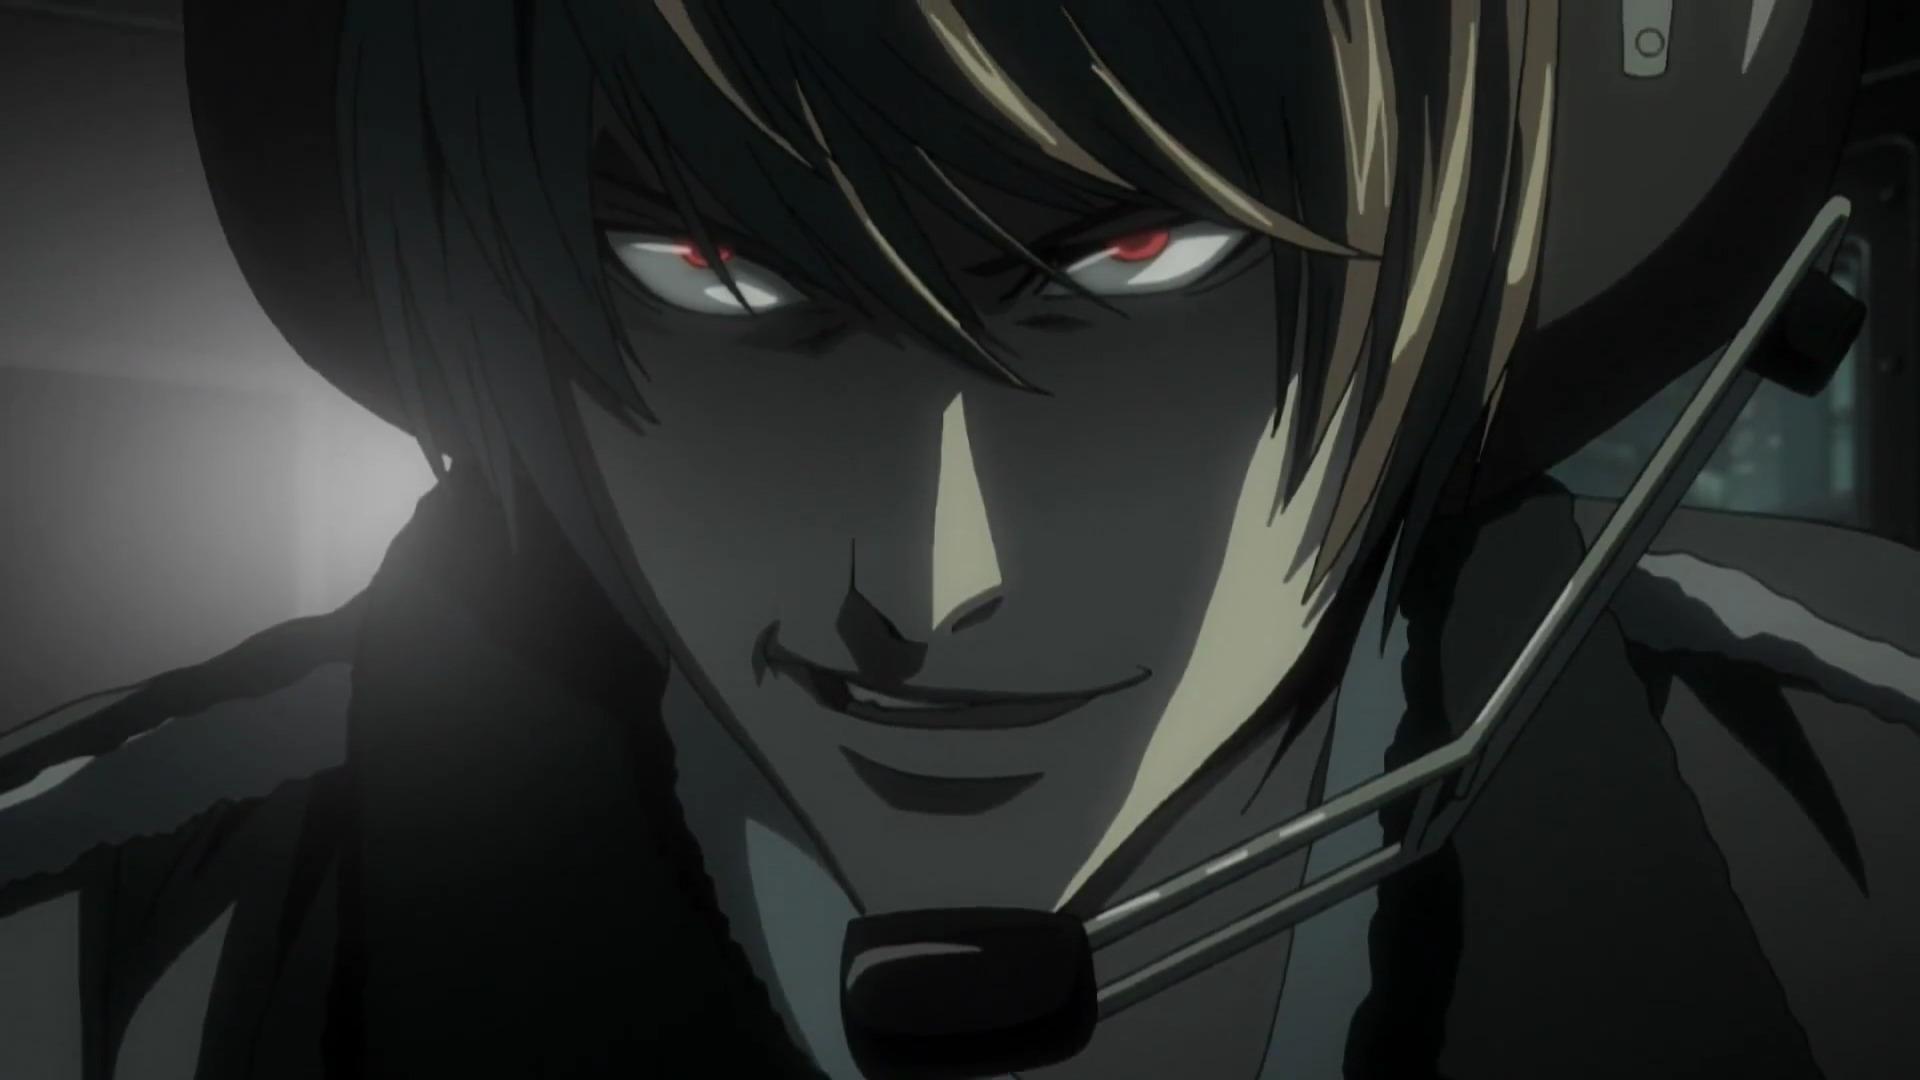 4 nhân vật ích kỷ bậc nhất từng tồn tại trong thế giới anime